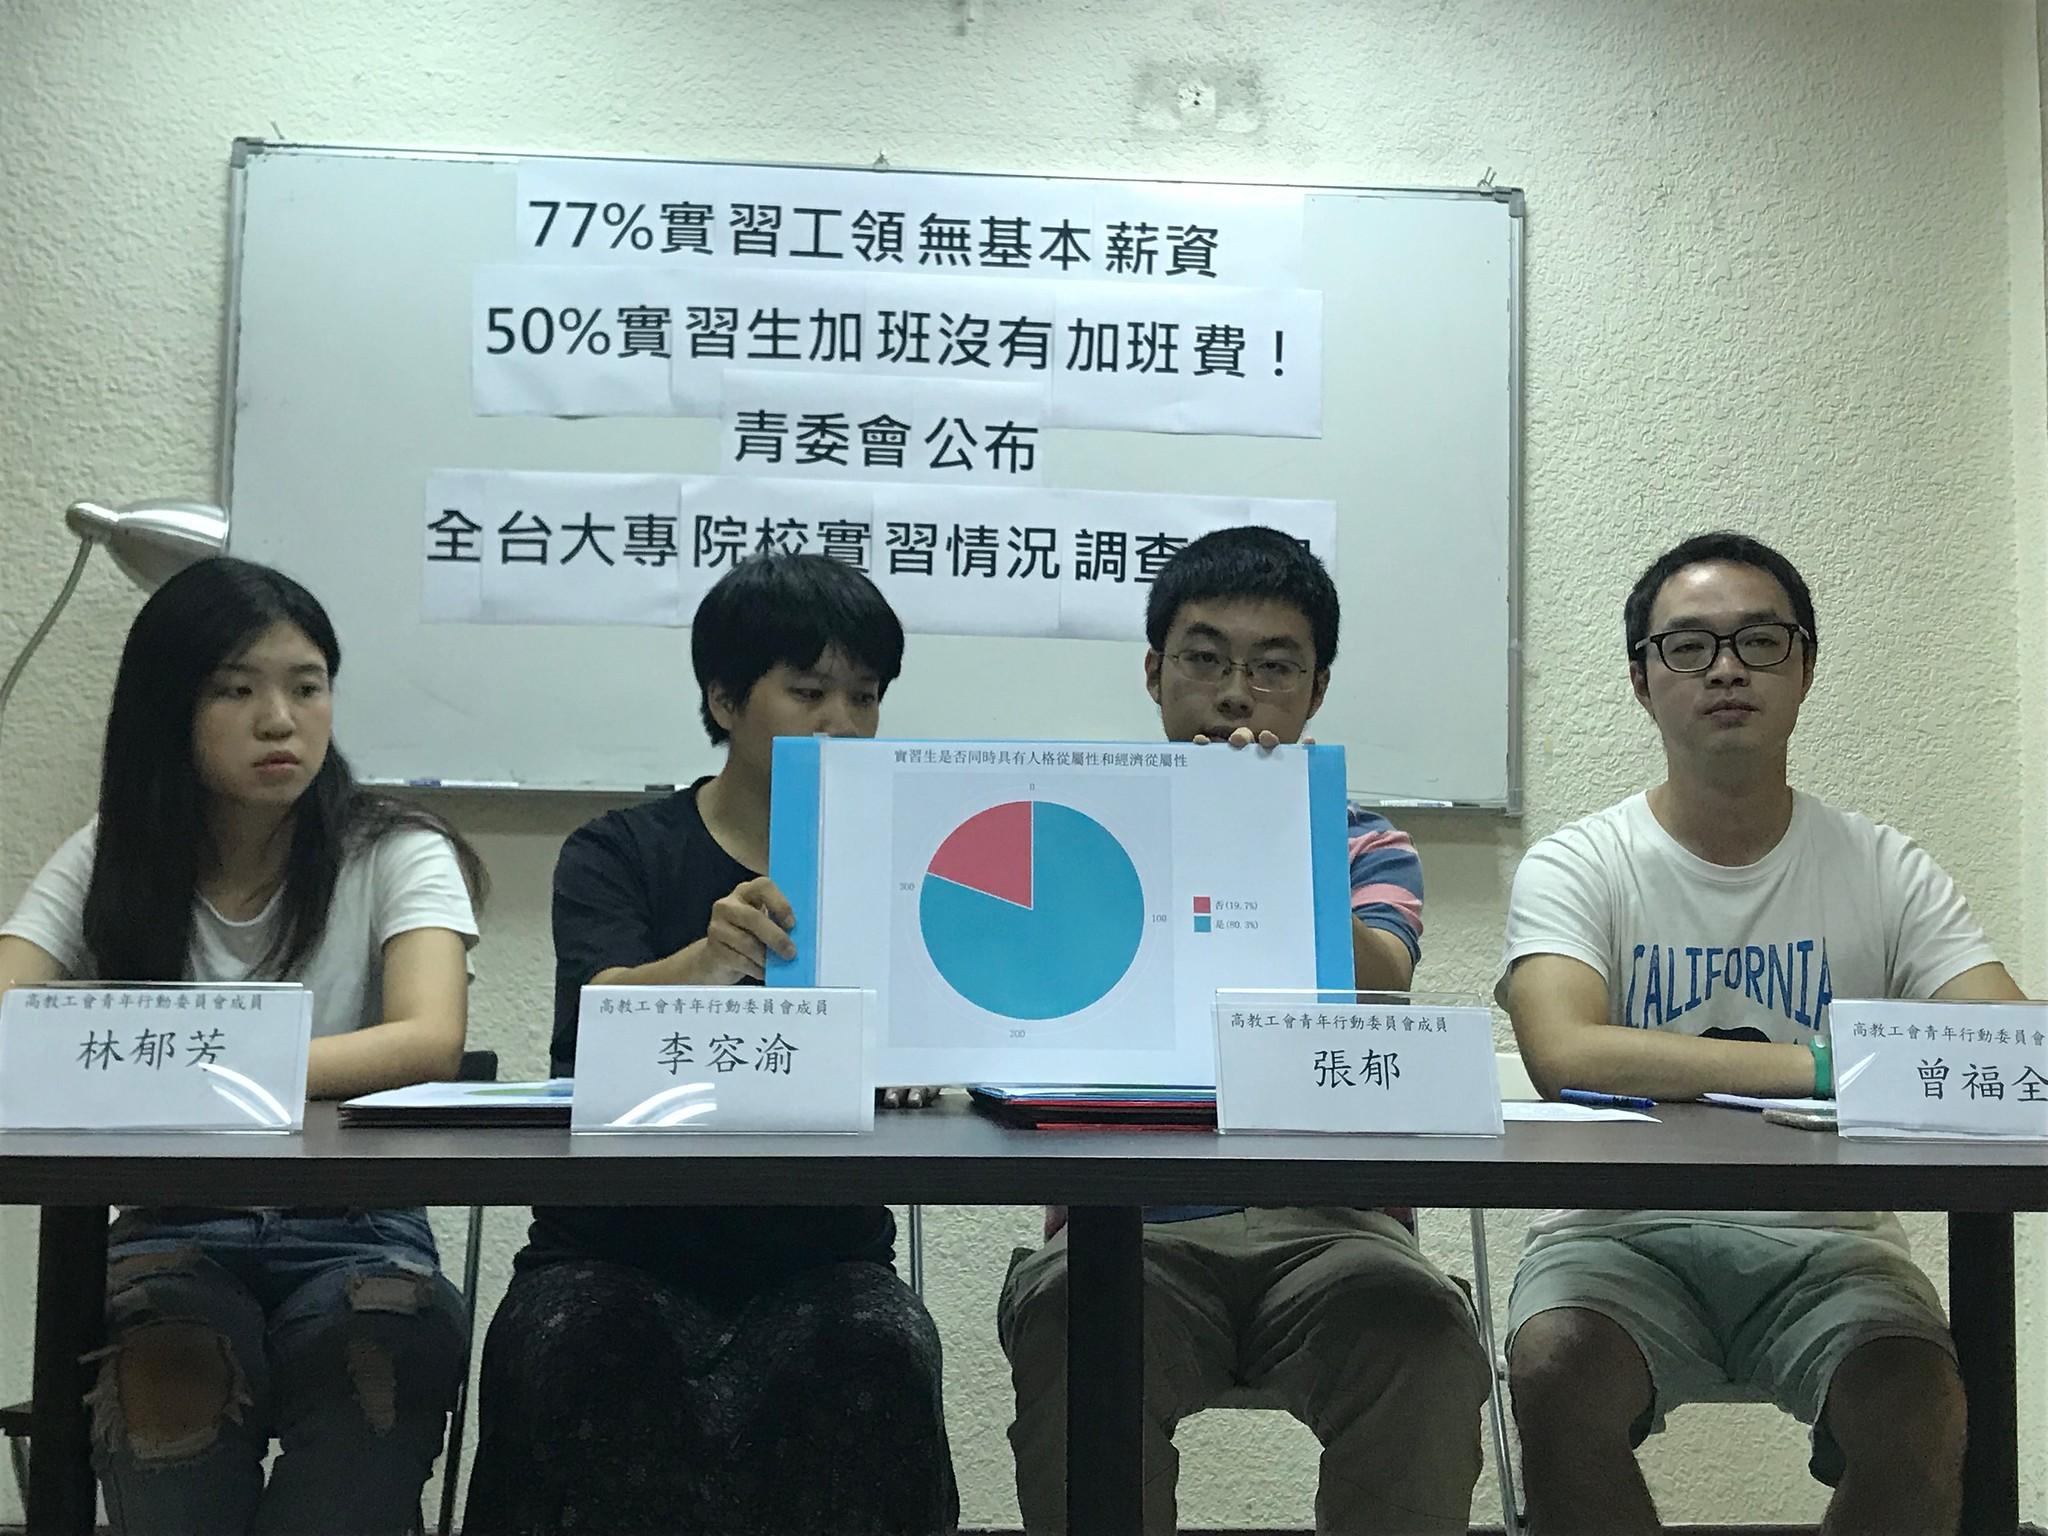 青委会抢在实习旺季前召开记者会,批评教育部的实习教育法将造成血汗实习就地合法化。(摄影:张宗坤)